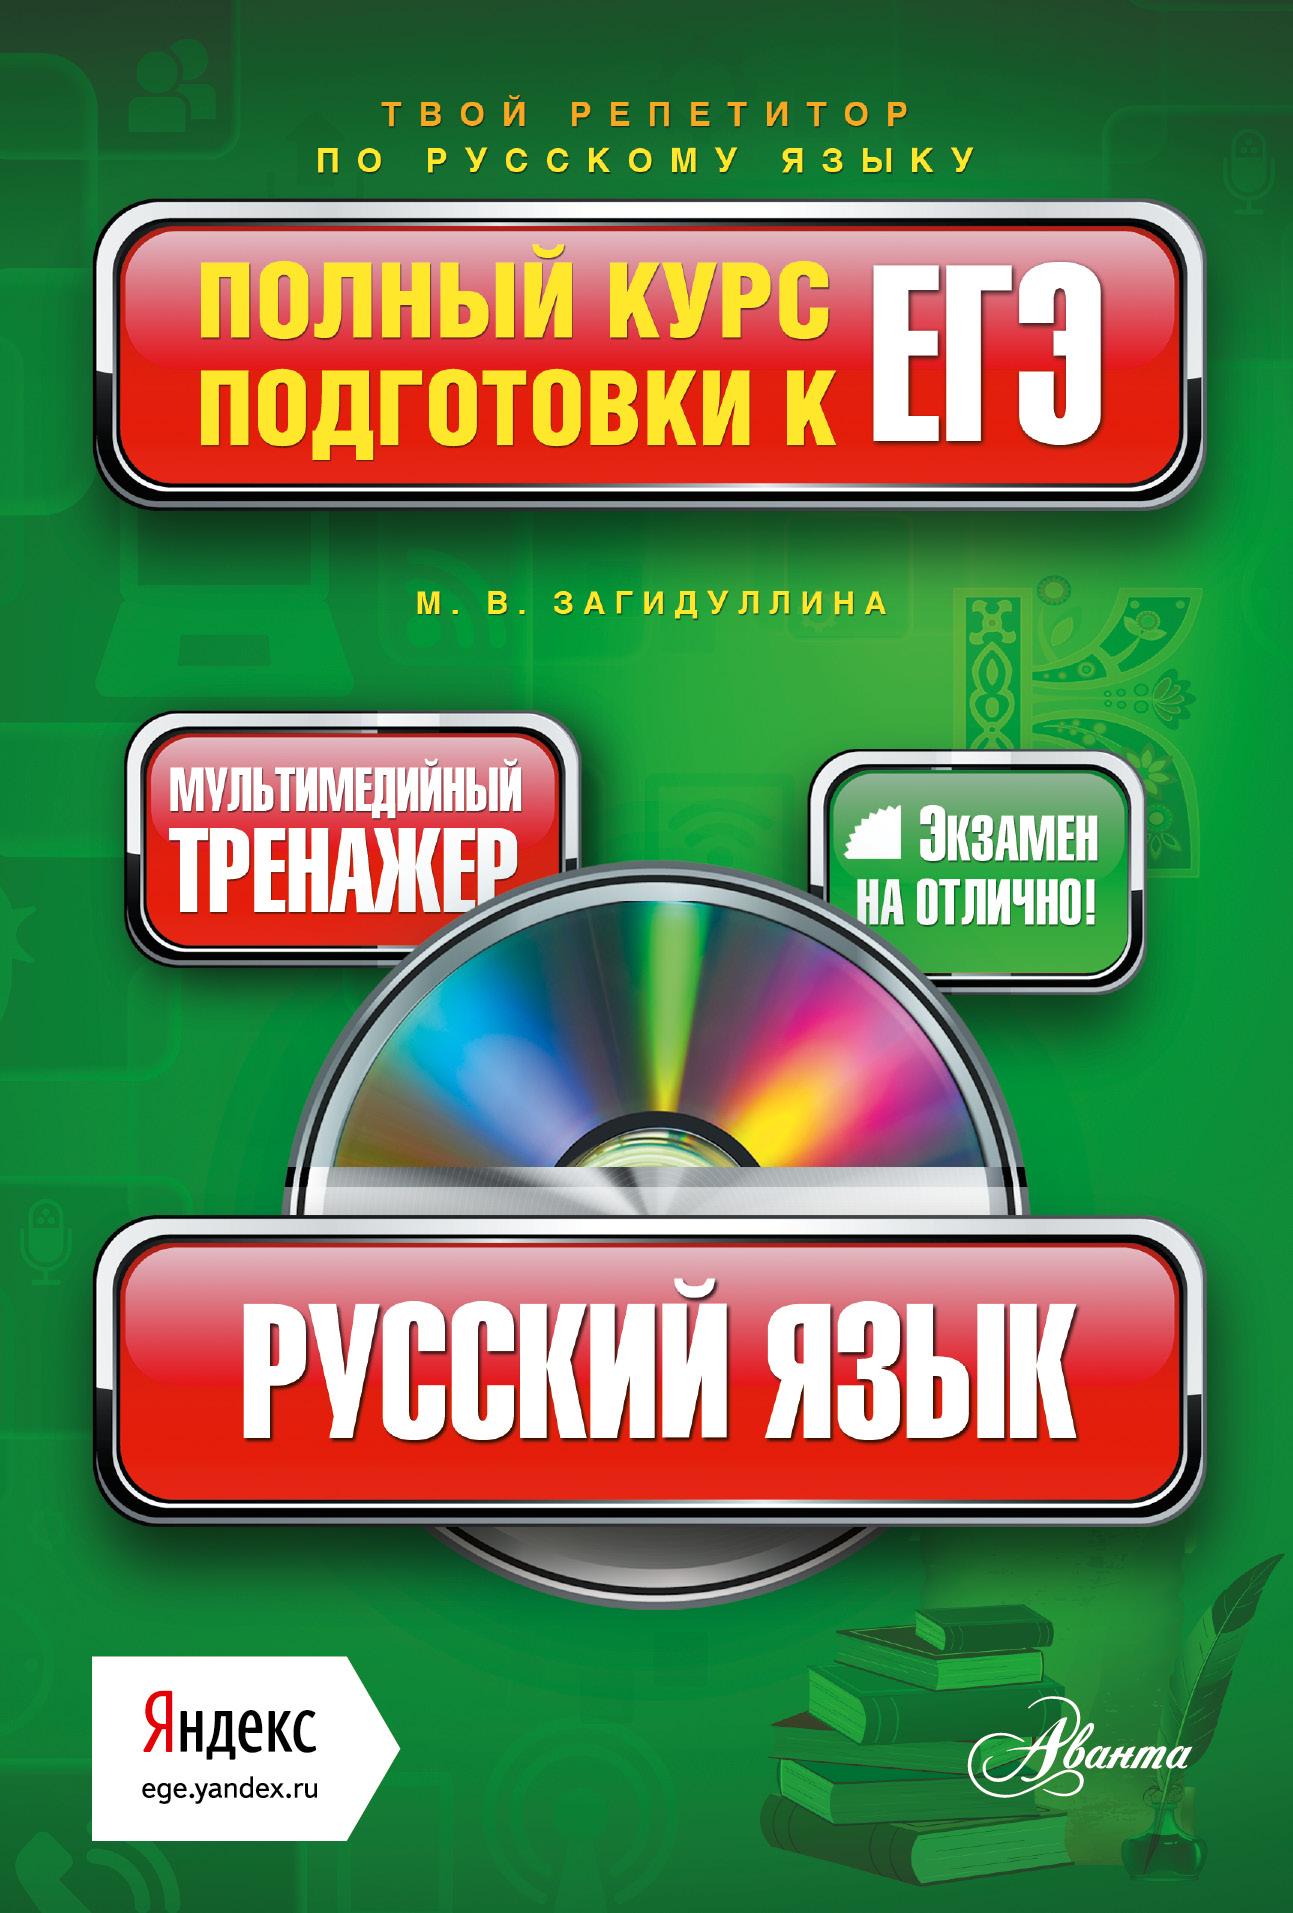 Загидуллина М.В. Русский язык. Полный курс подготовки к ЕГЭ (+CD) математика полный курс подготовки к егэ cd